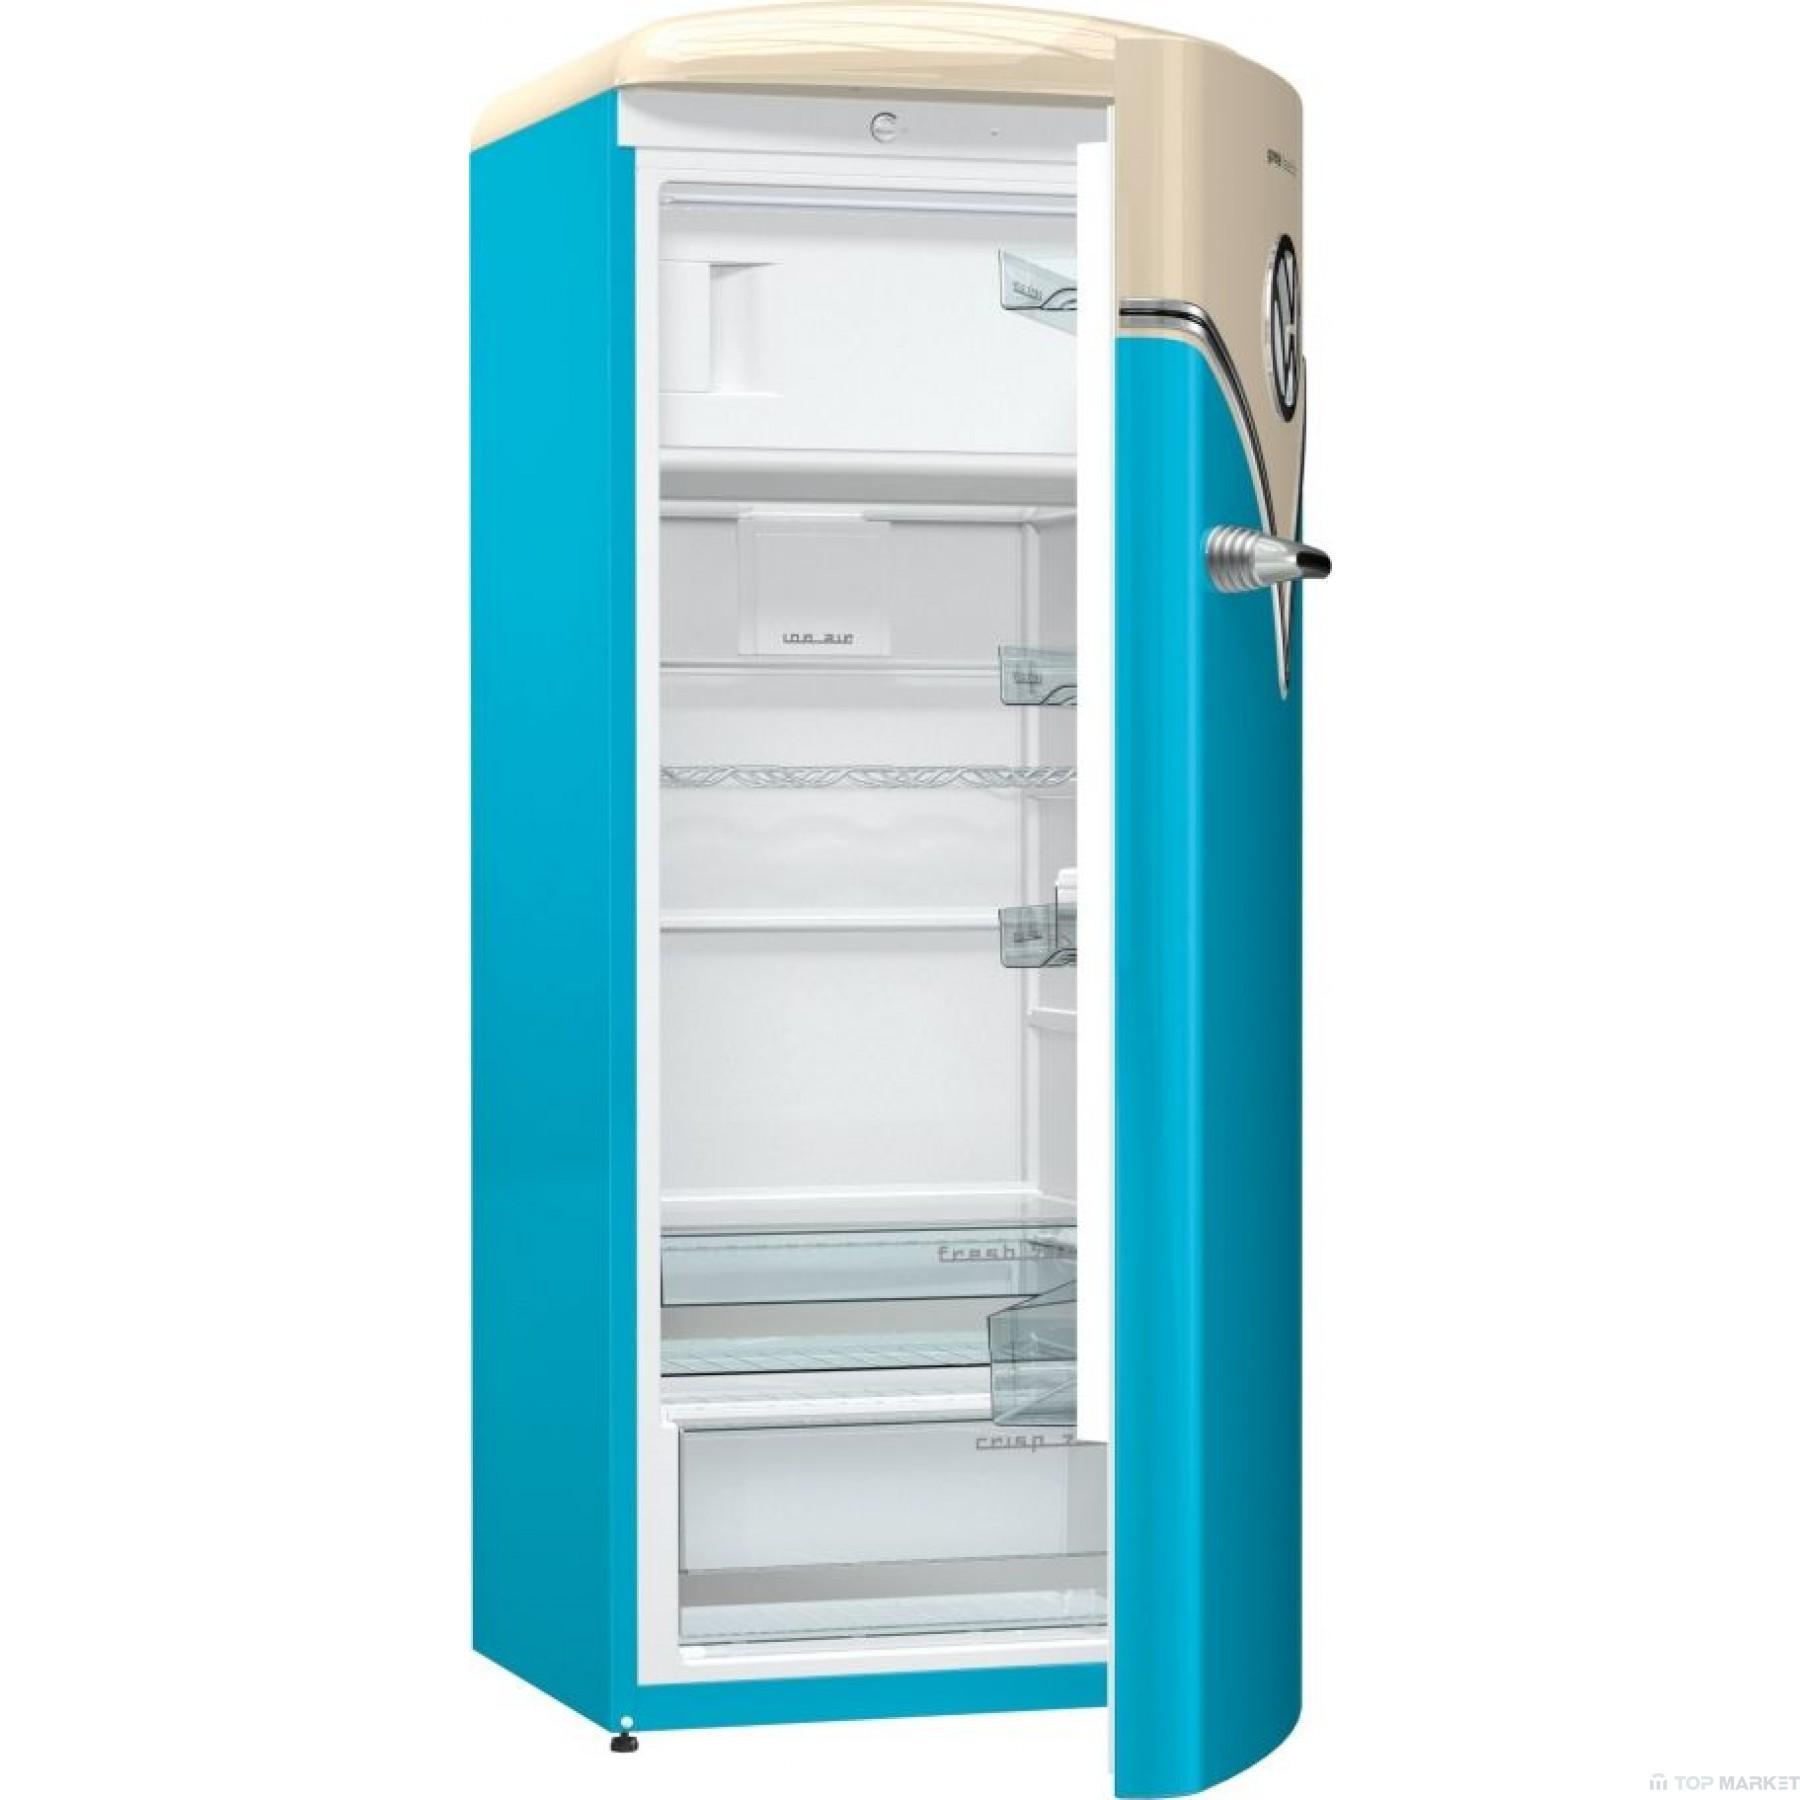 Хладилник с вътрешна камера gorenje OBRB153BL